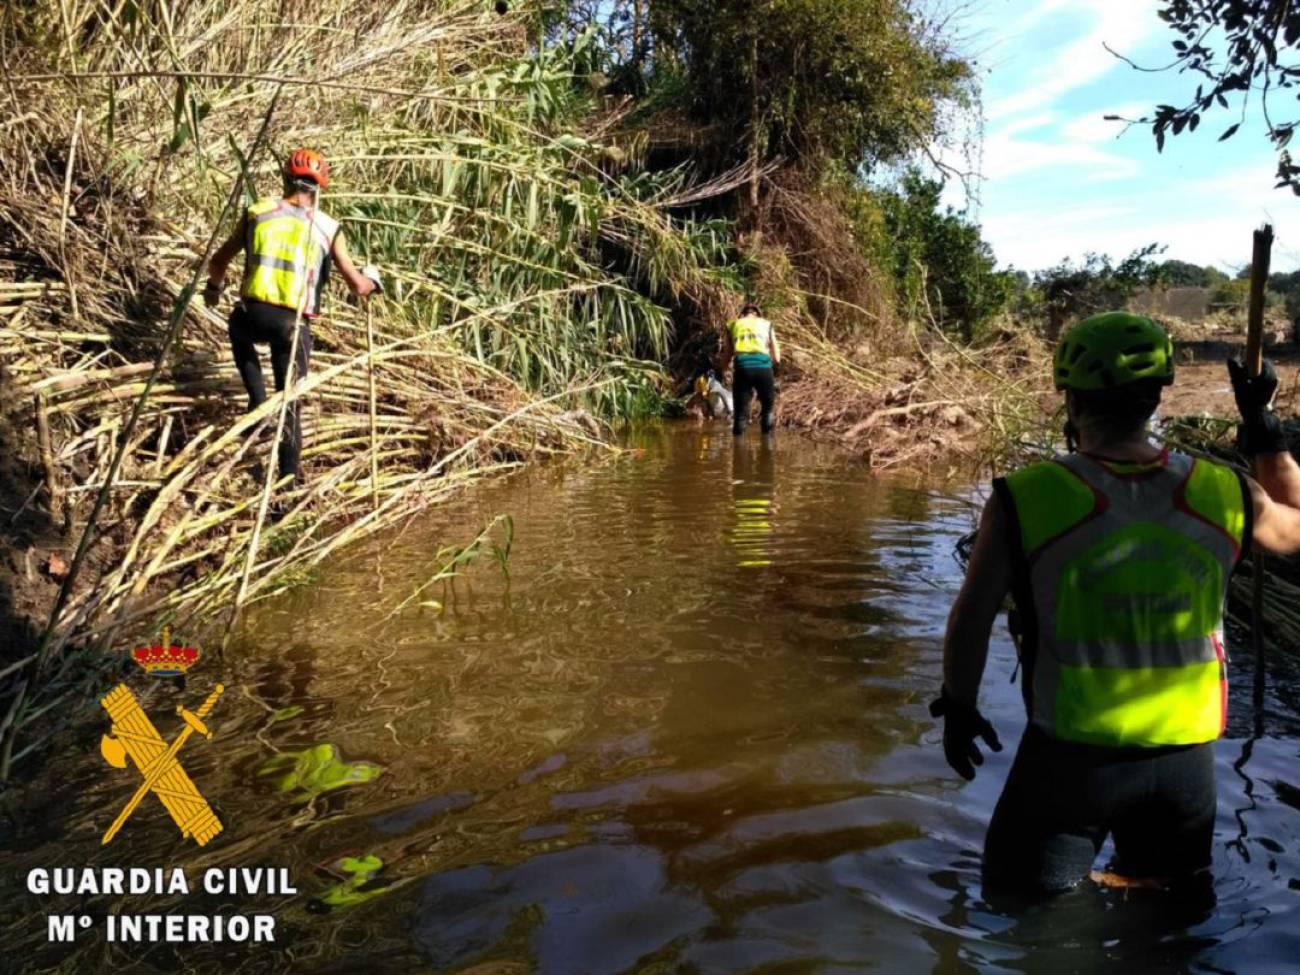 El Equipo de Rescate en Montaña de <h3 class='enlacePalabraNoticia' onclick='opcionBuscarActualidad('Riaza','')' >Riaza</h3> participa en el operativo de las inundaciones de Mallorca